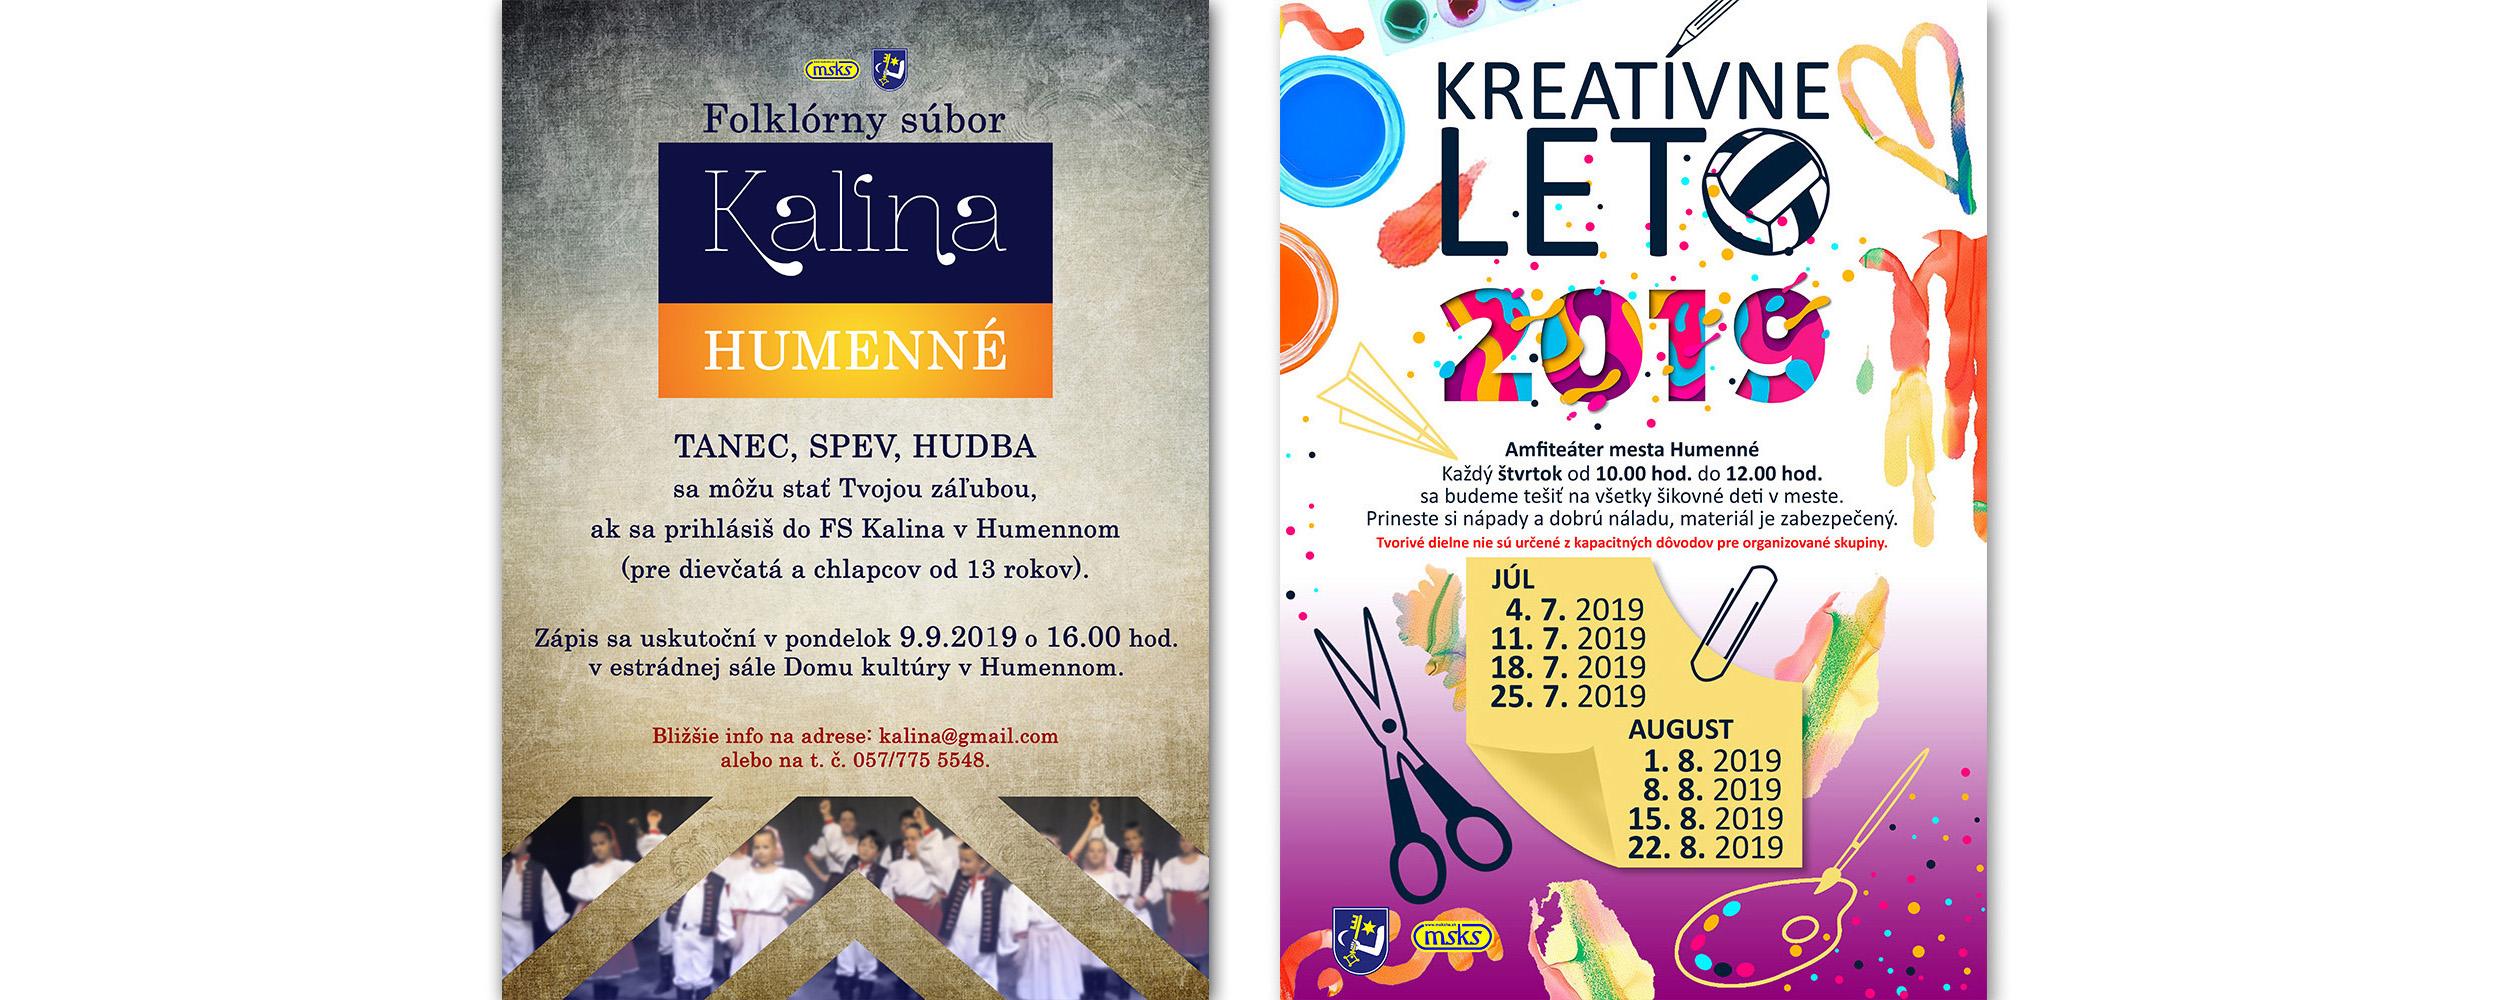 Kalina Kreativne Letoo